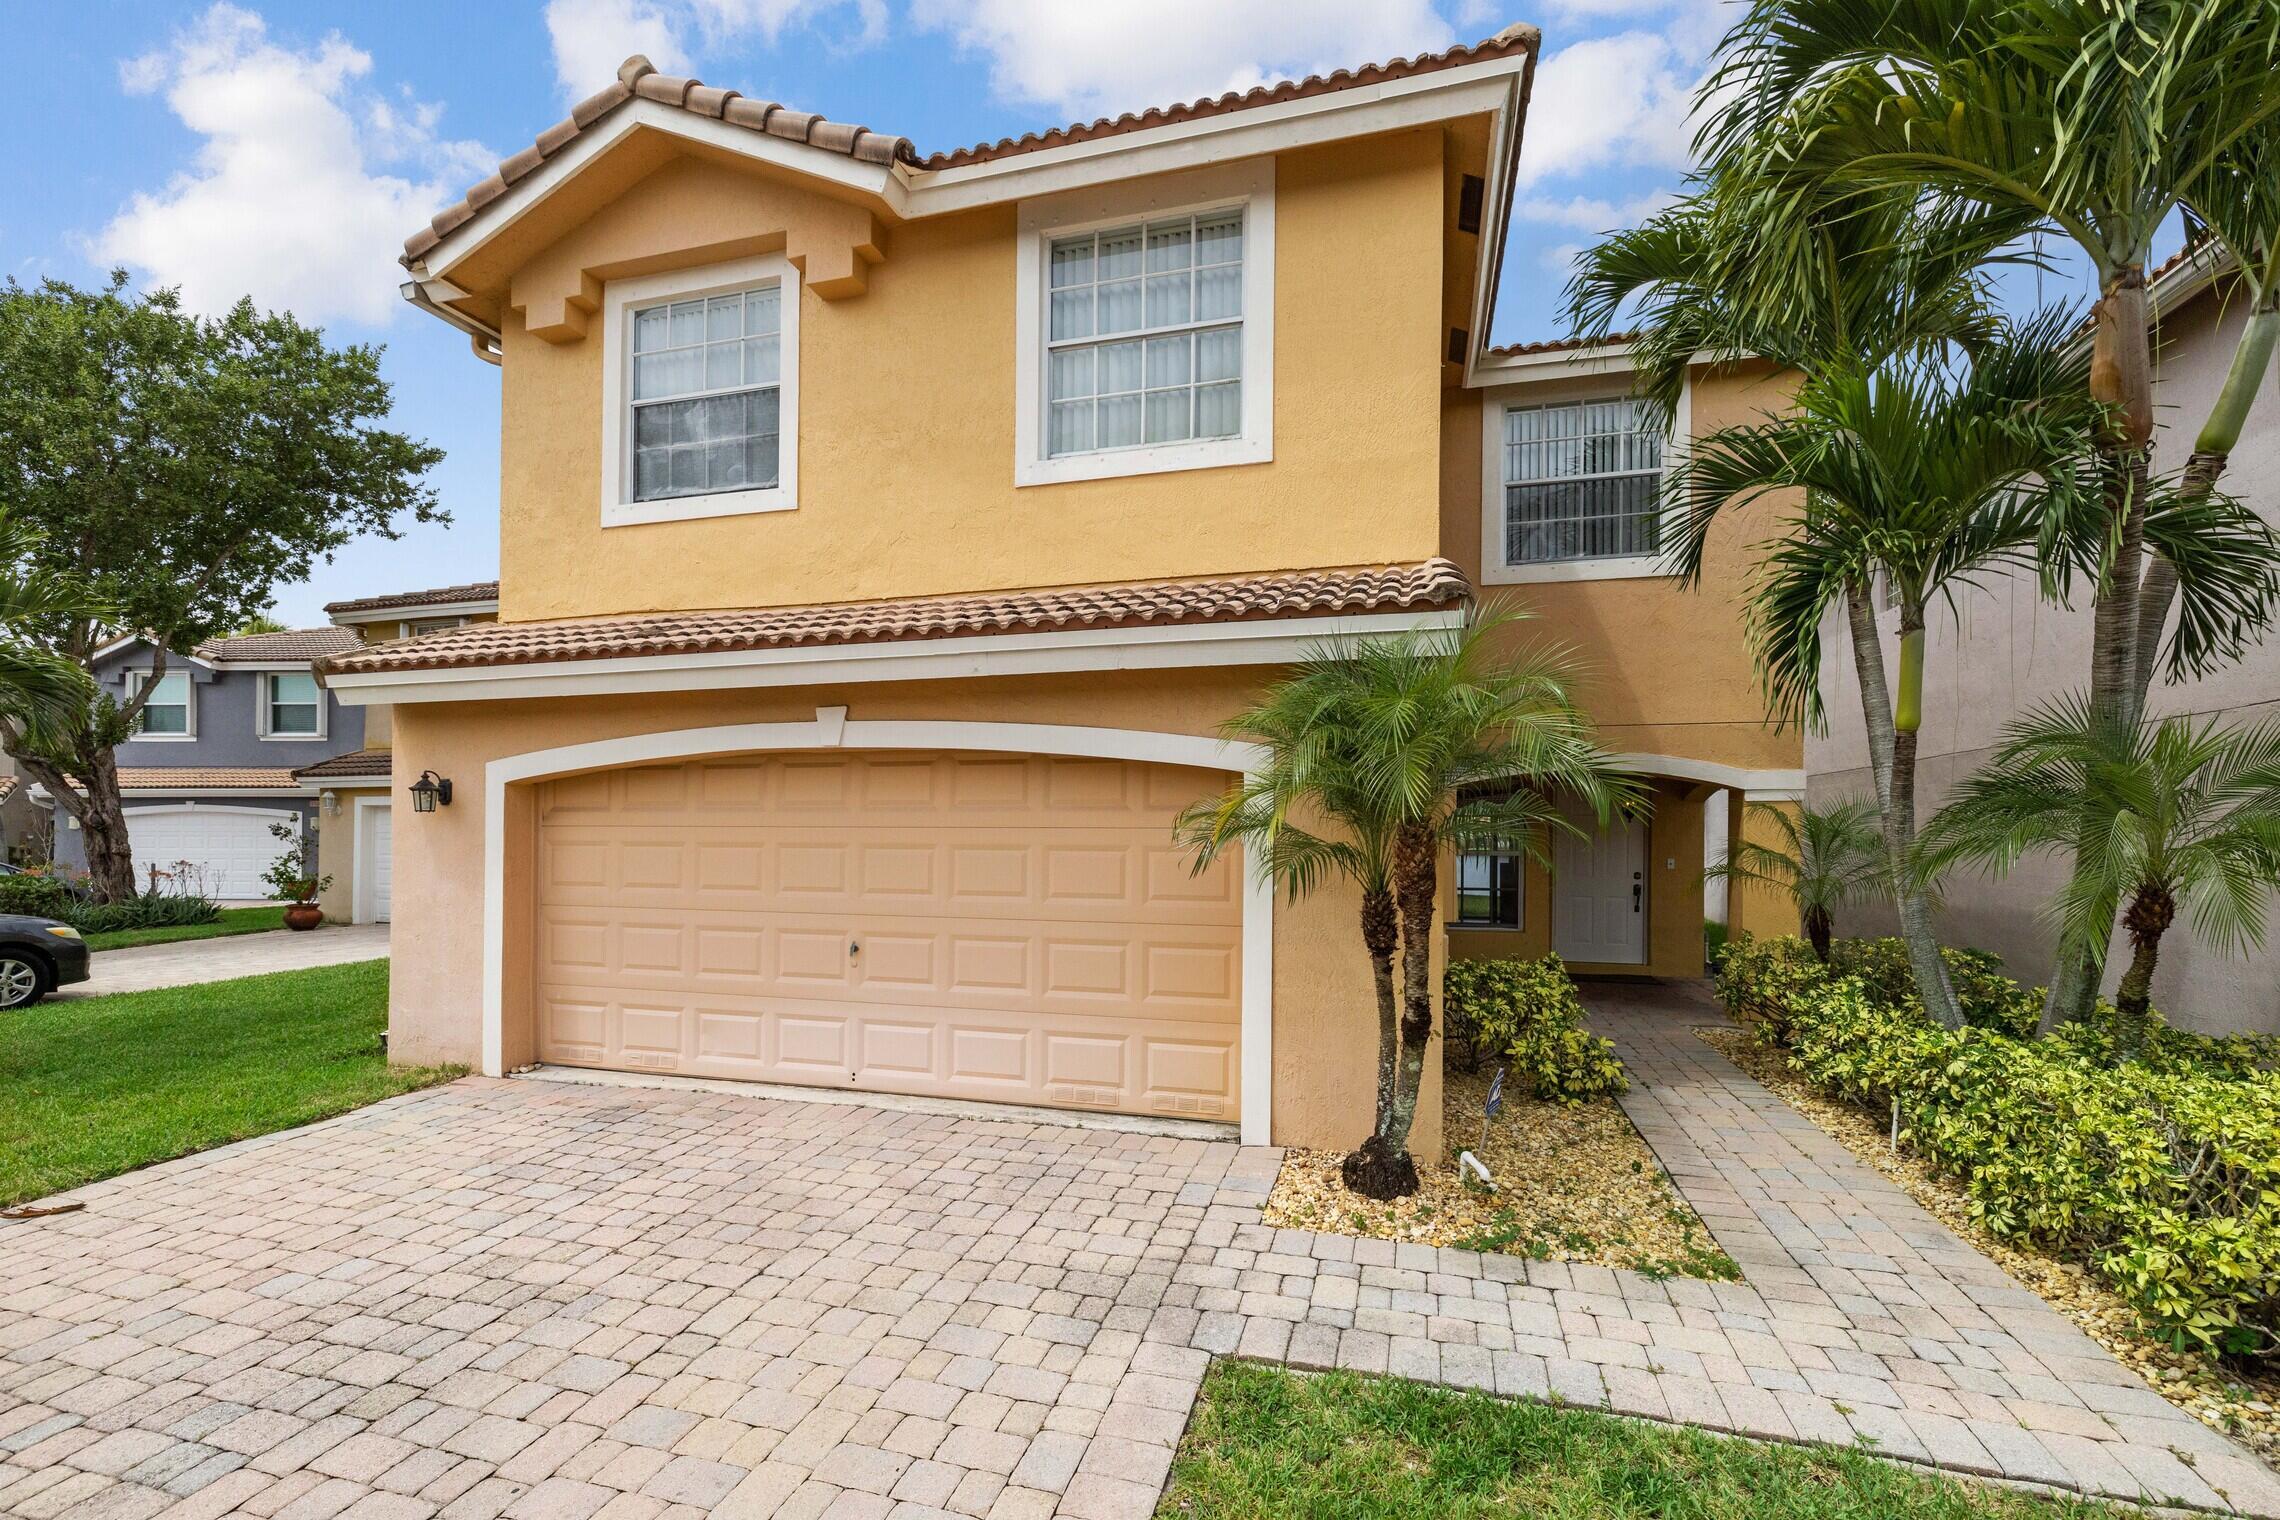 3168  Turtle Cove  For Sale 10740130, FL